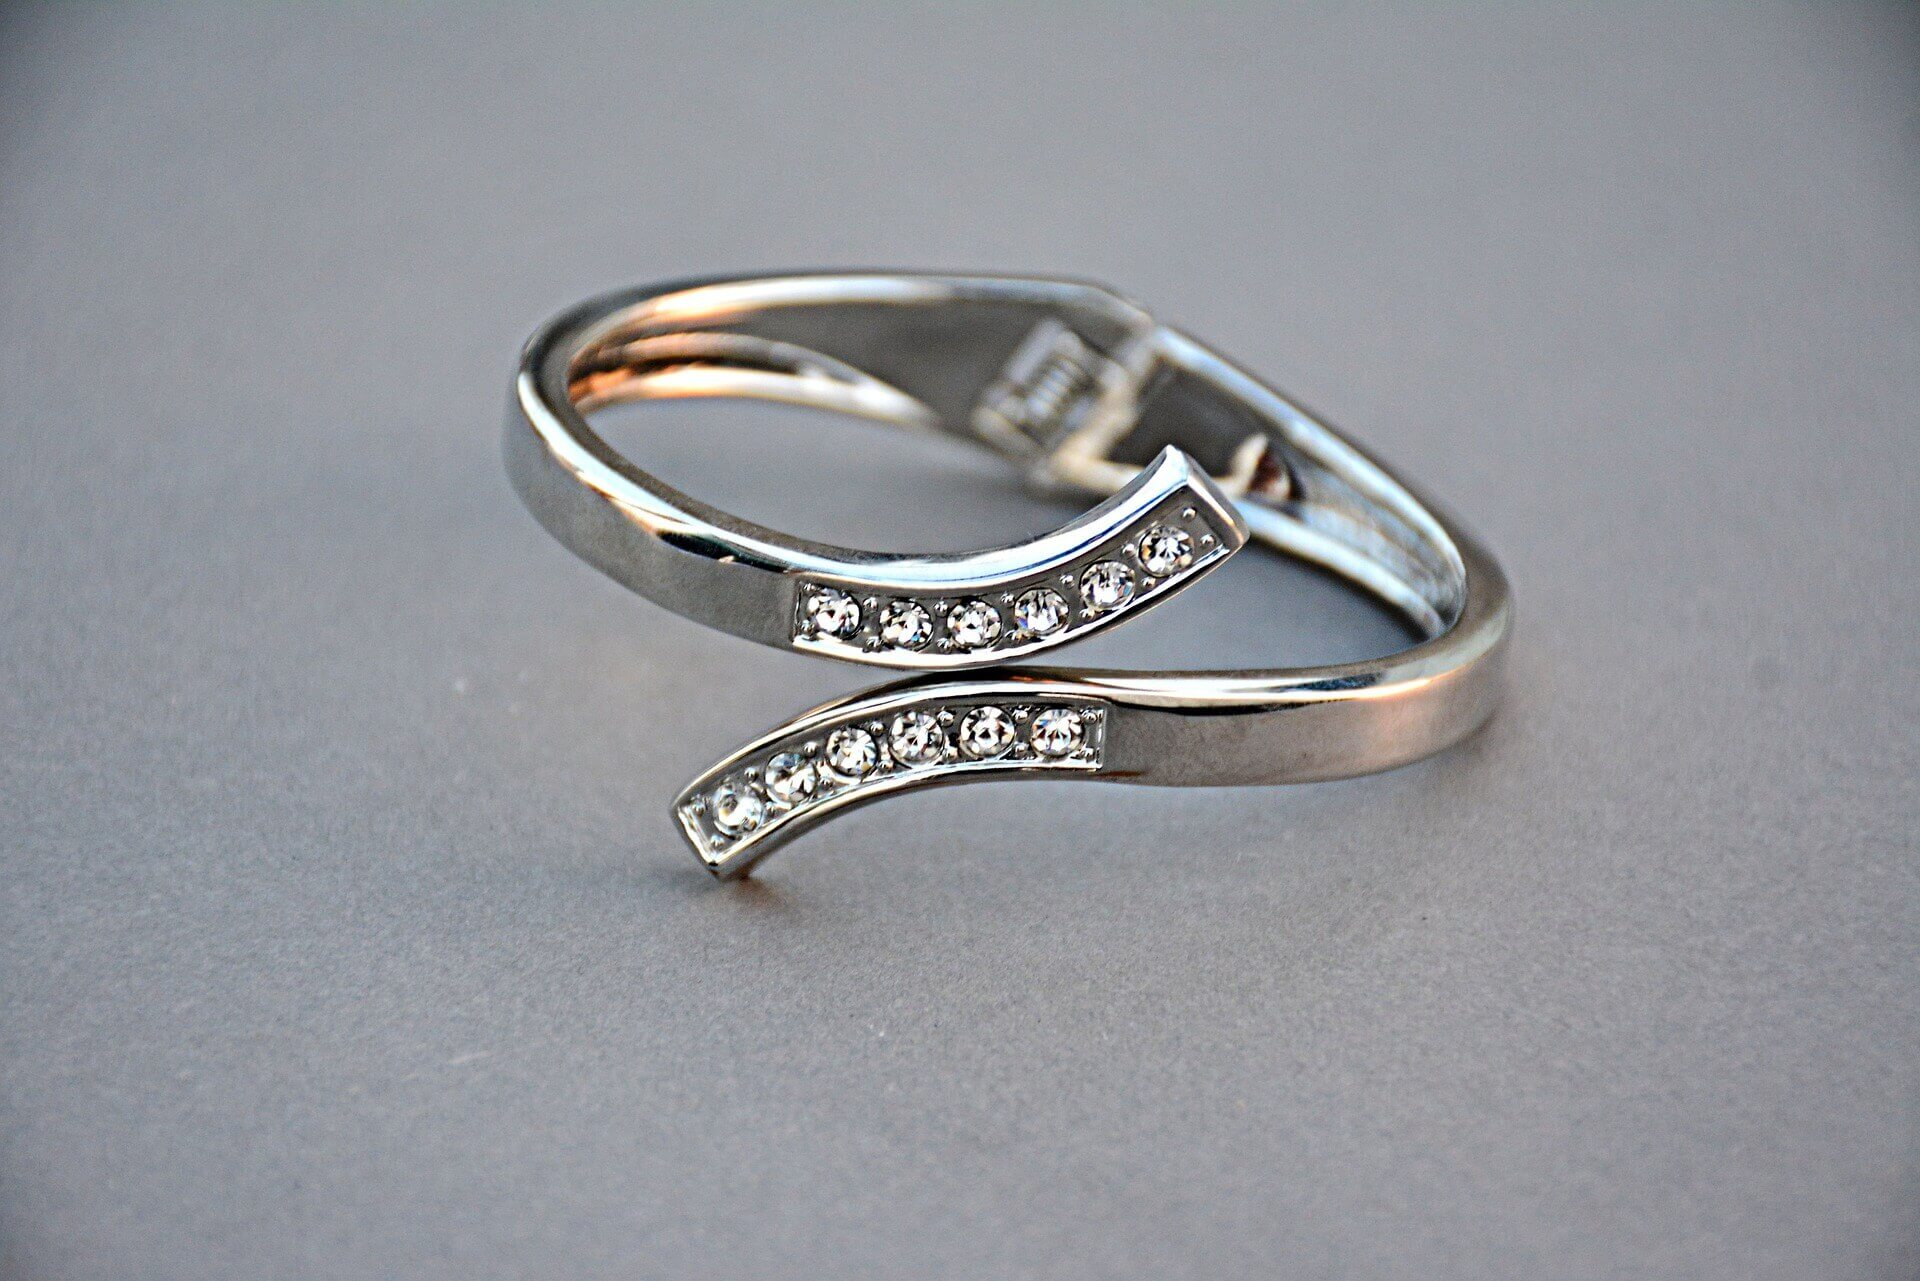 Najpiękniejszy pierścionek dla najpiękniejszej kobiety!